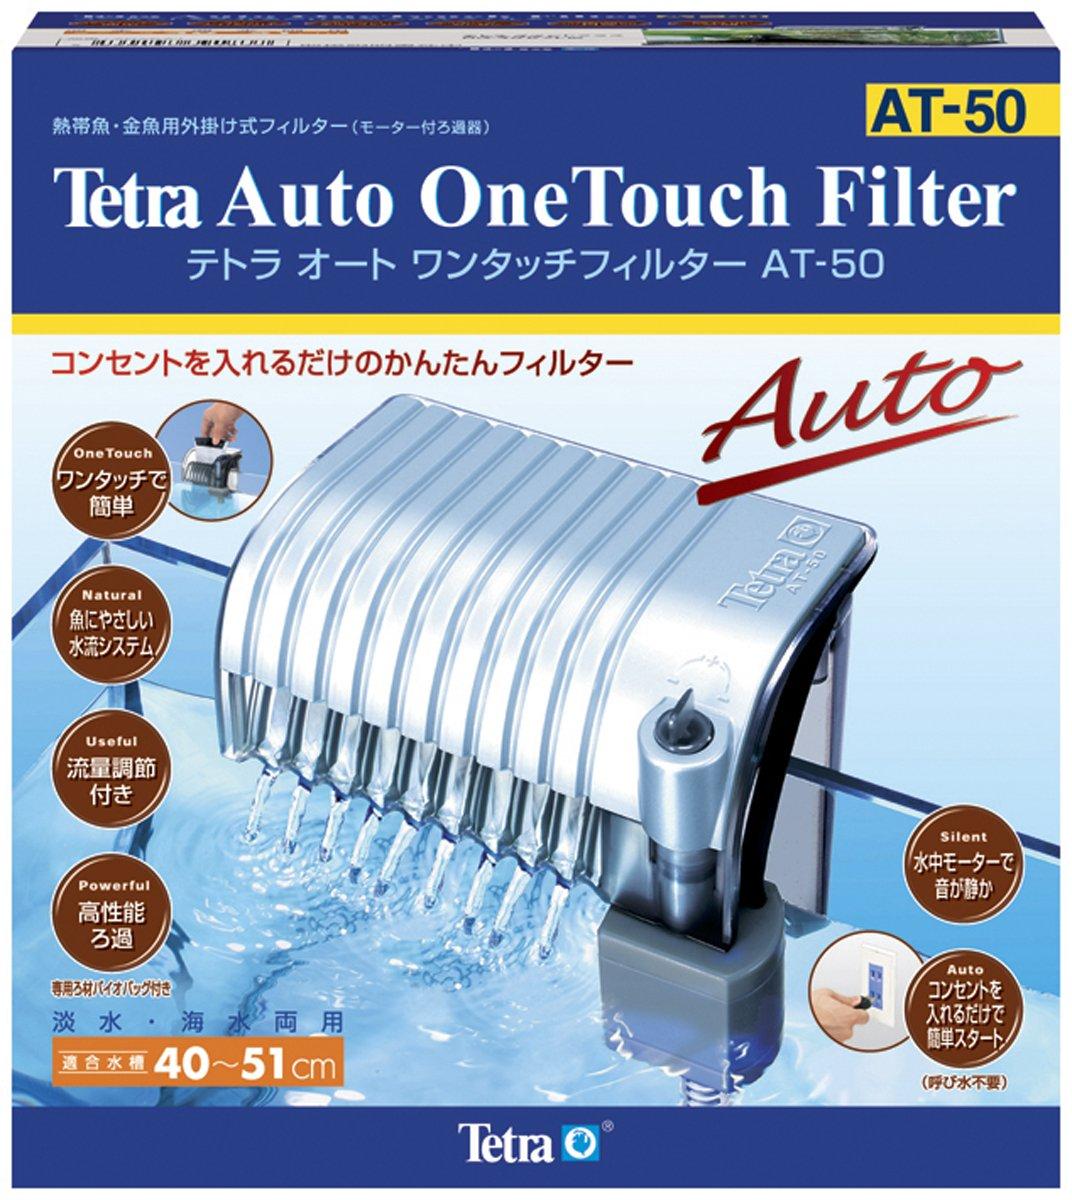 テトラ(Tetra) オートワンタッチフィルター 40cm~51cm水槽用 淡水海水両用